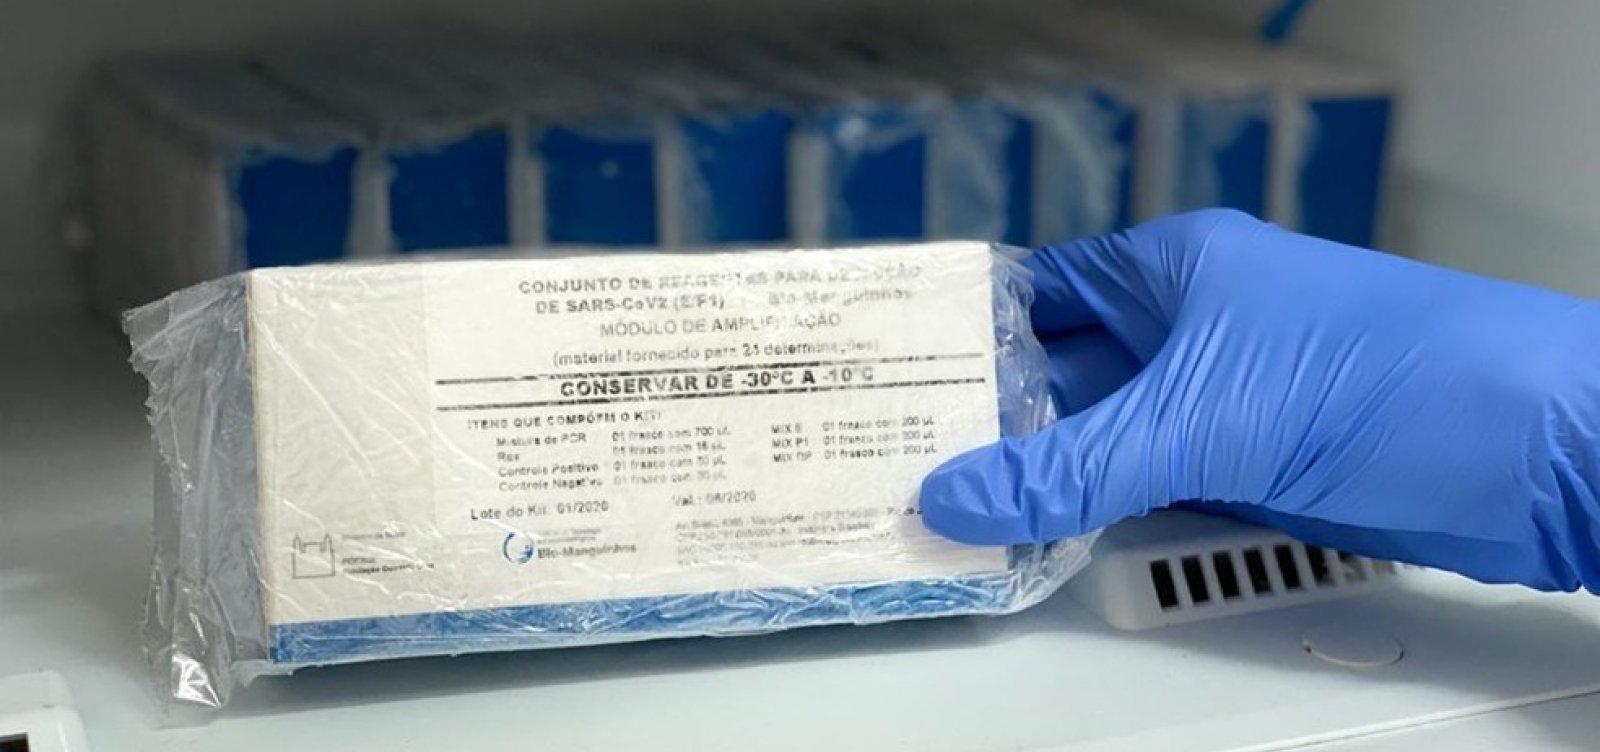 Bahia registra 4.104 casos de Covid-19 e 102 óbitos pela doença em 24 horas